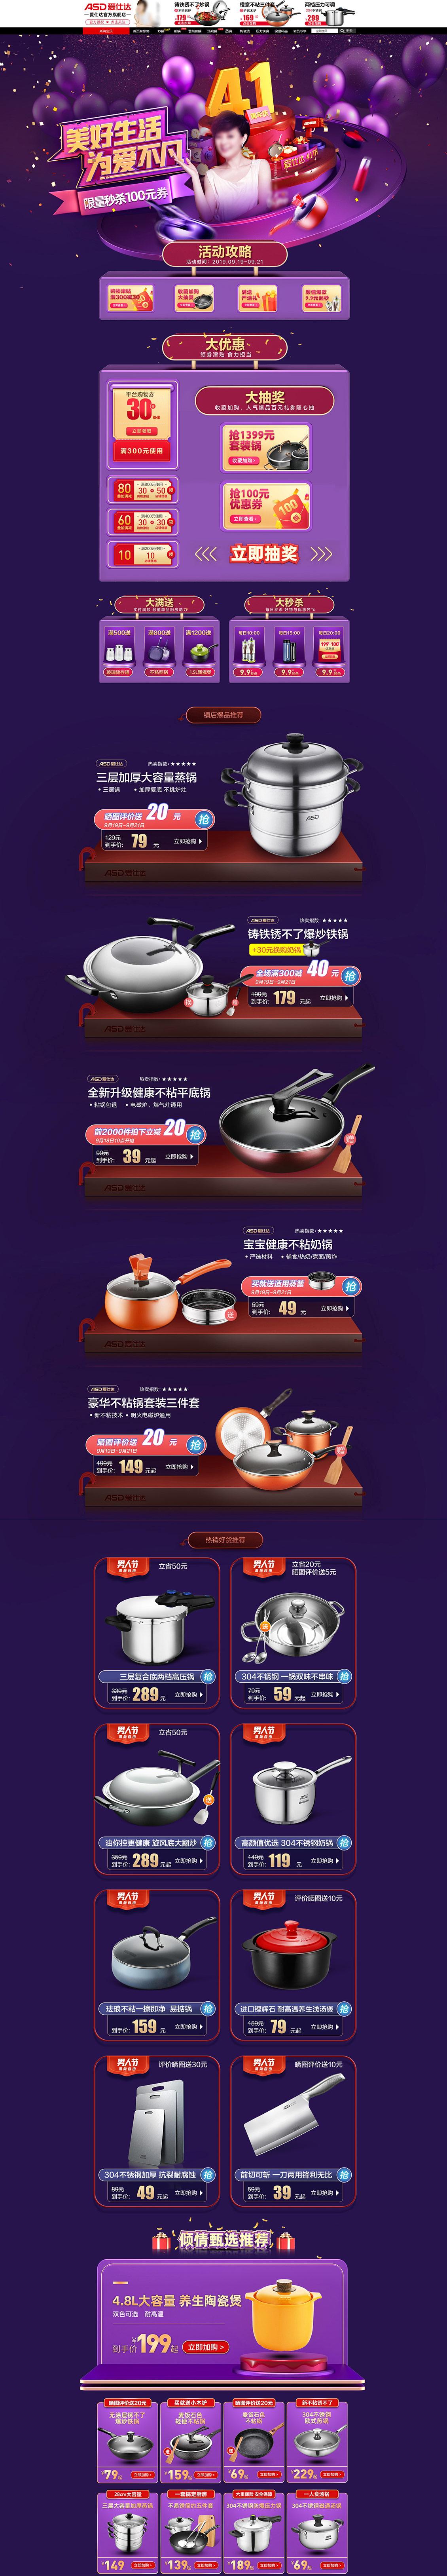 爱仕达厨具 家居用品 日用百货 天猫首页运动专题页面设计